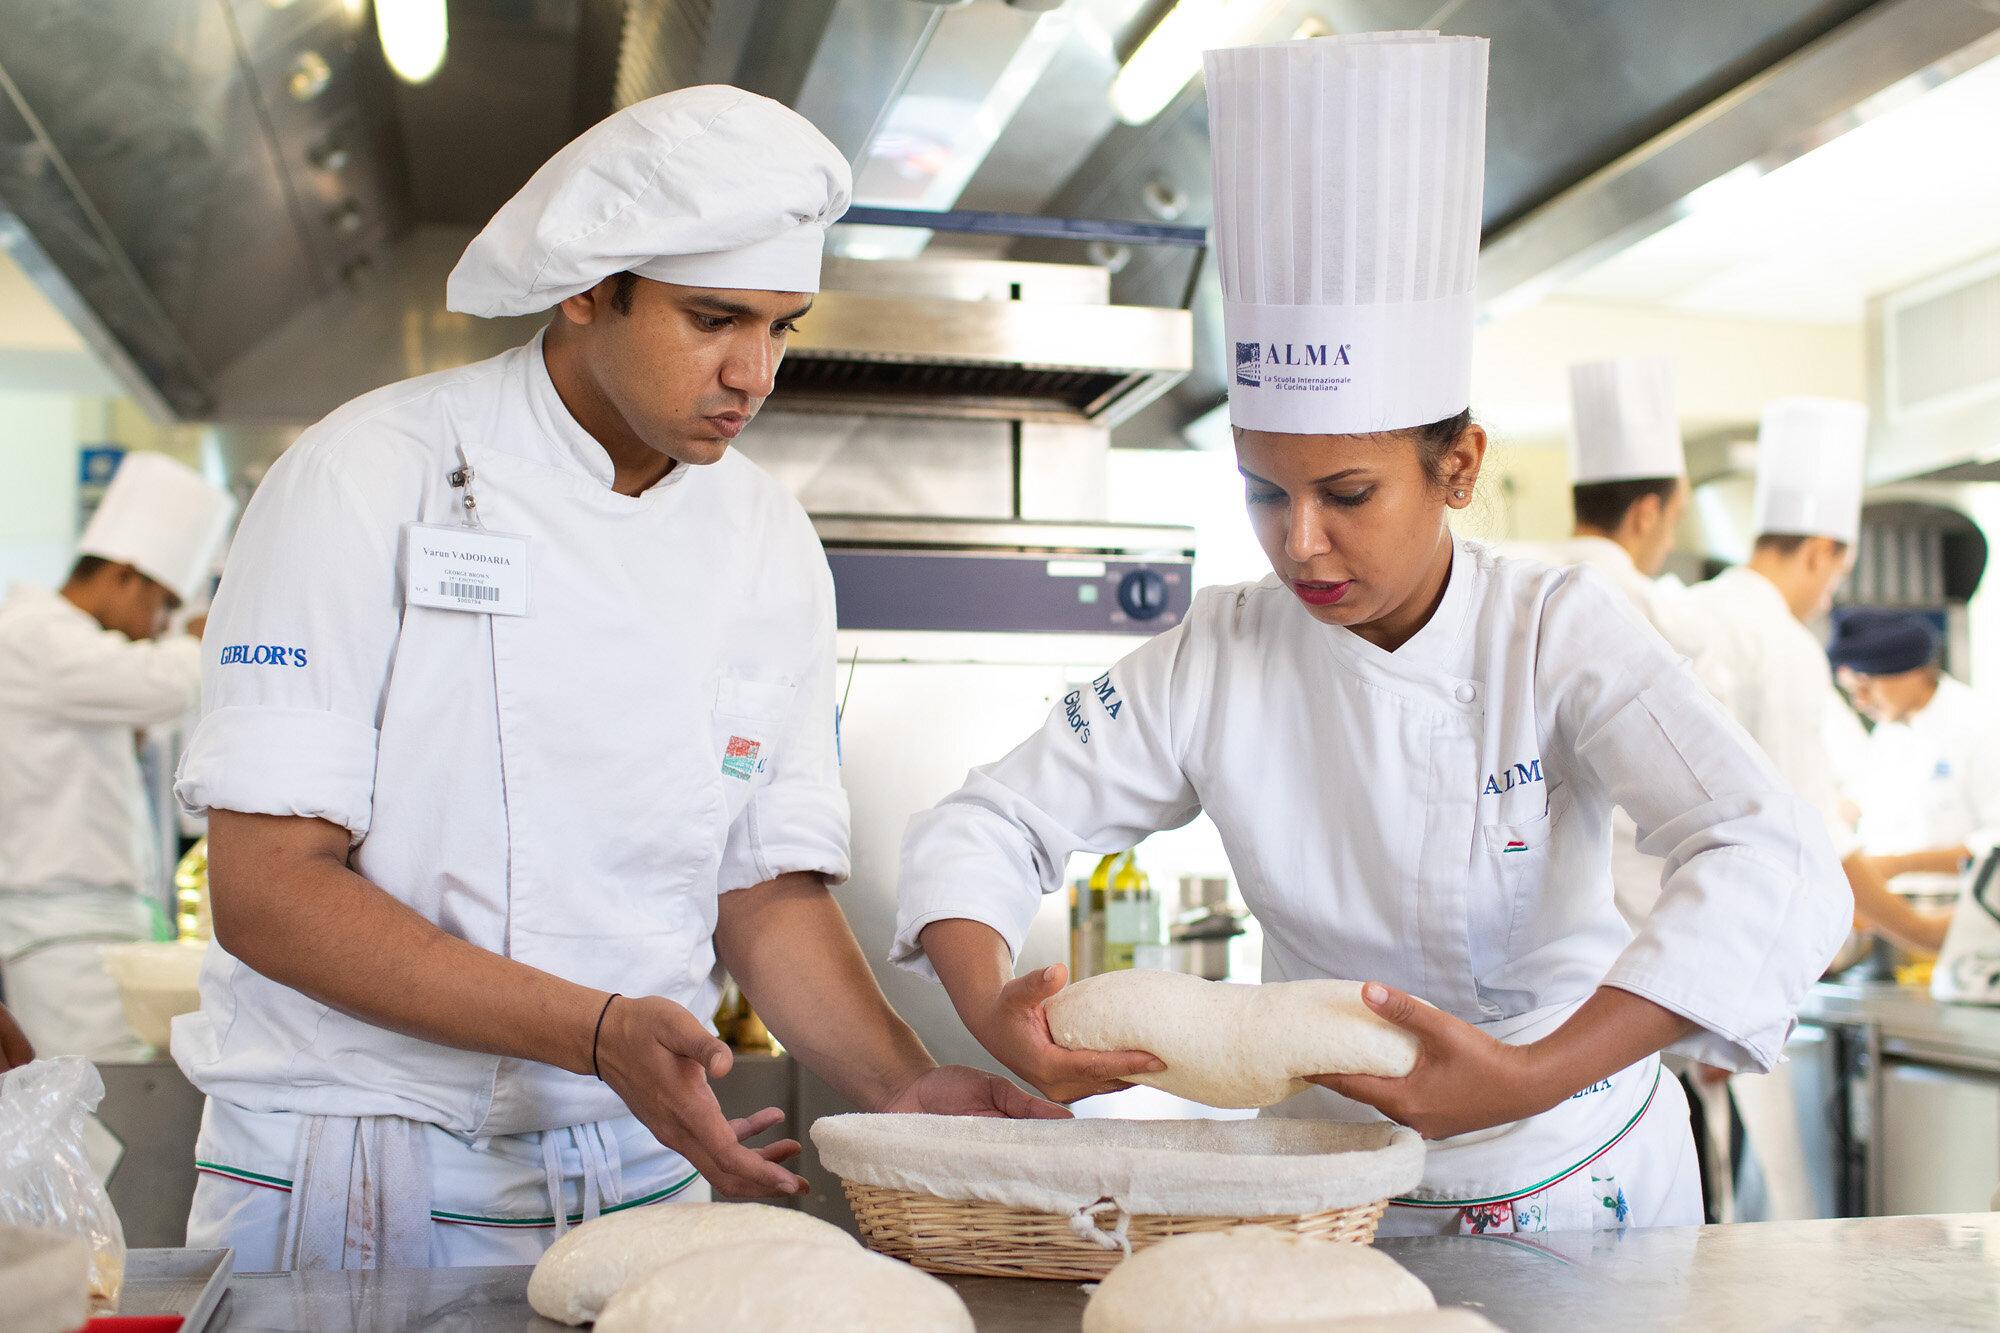 Alma La Scuola Internazionale Di Cucina Italiana Minerva Italian Education Hub In India